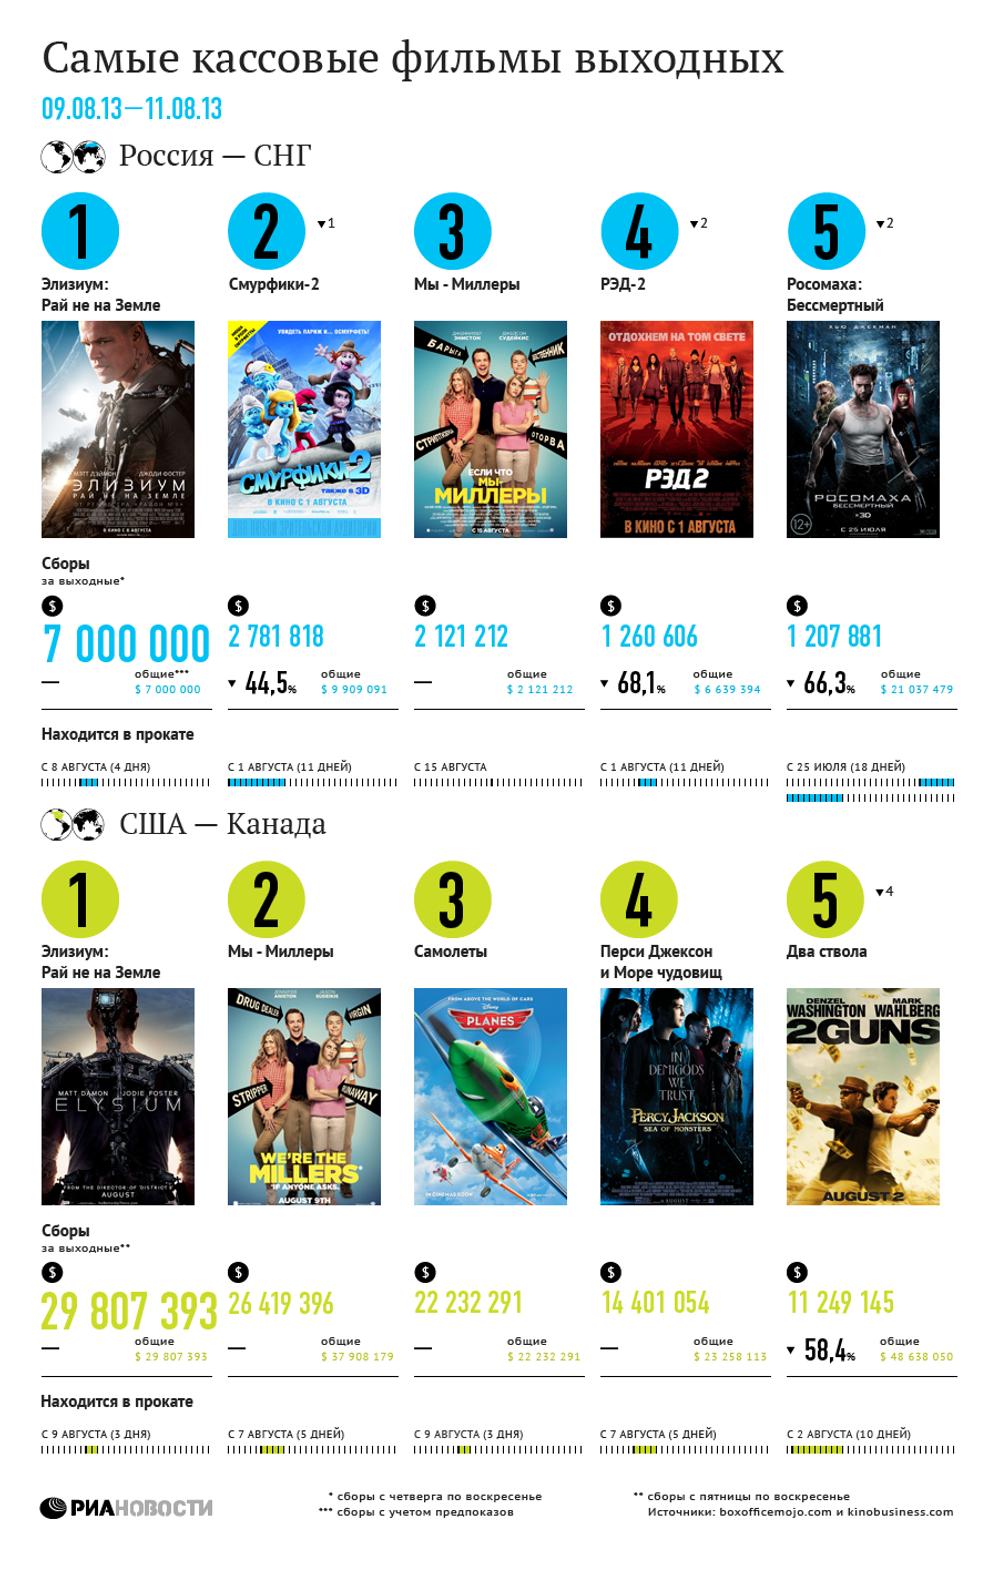 Самые кассовые фильмы выходных (9-11 августа)